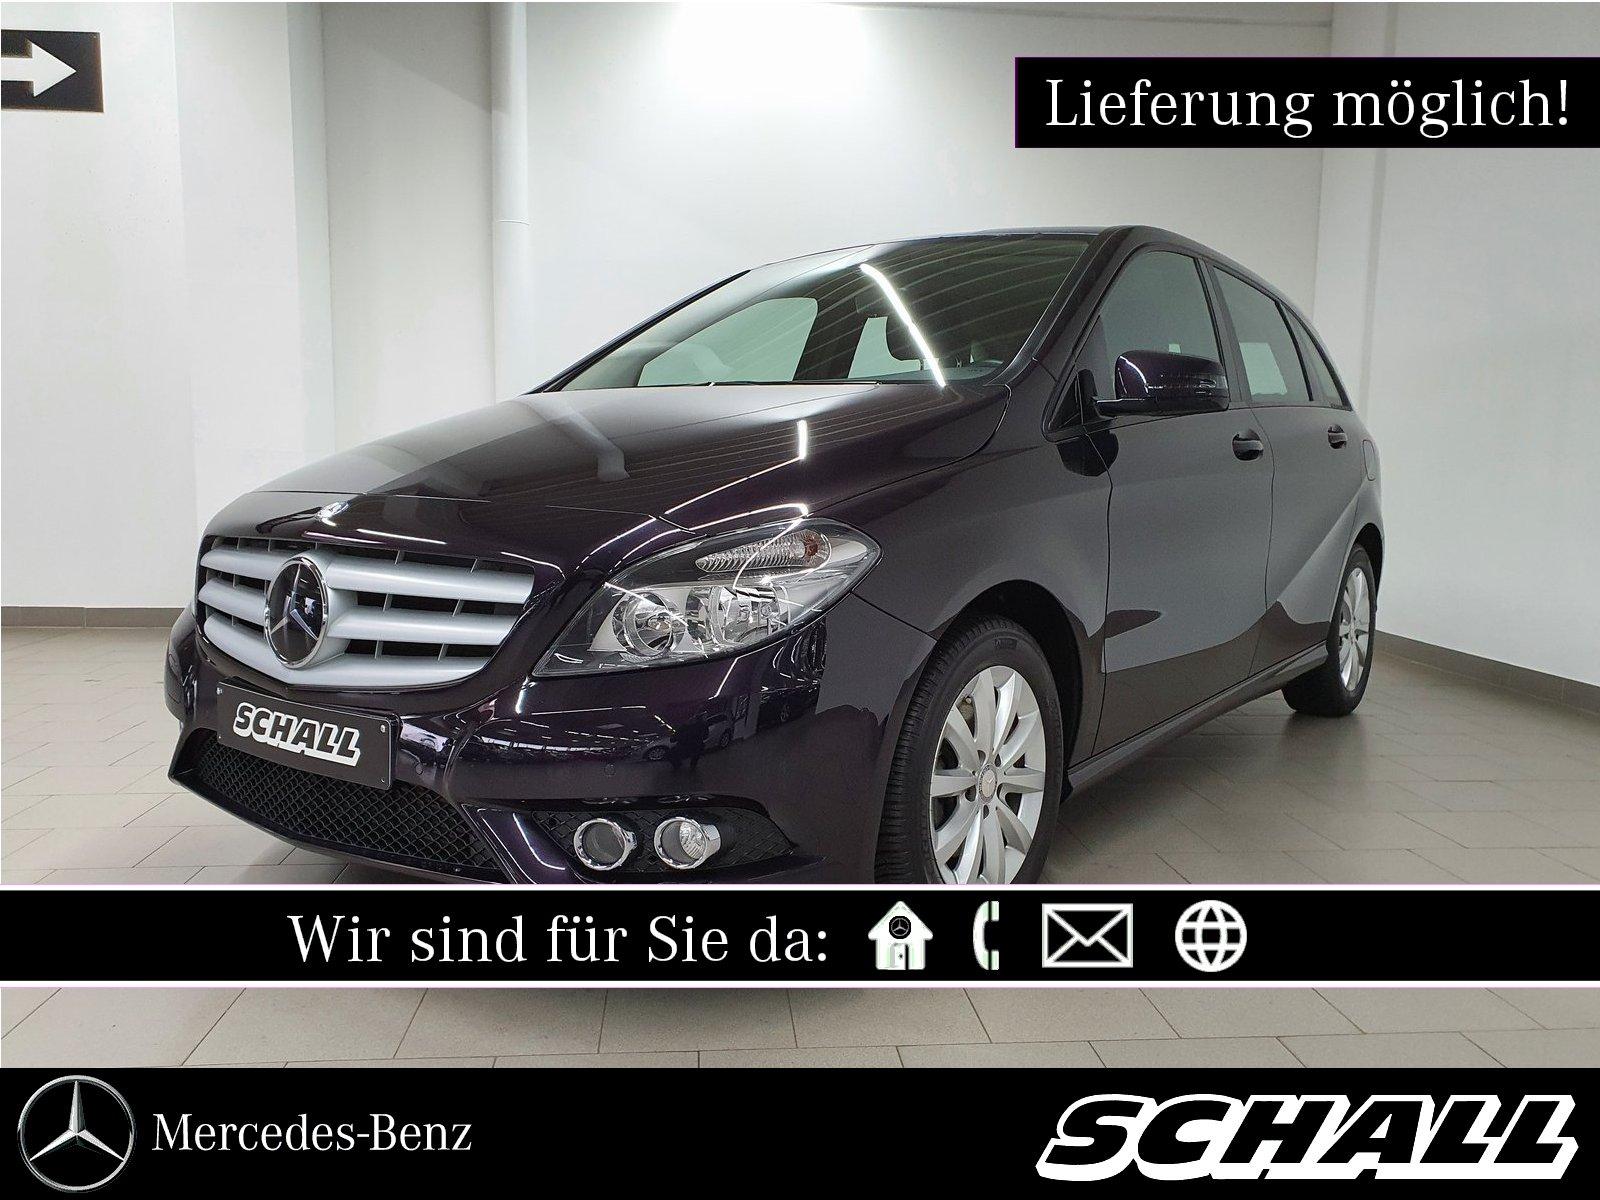 Mercedes-Benz B 200 CDI MEMORY-PAKET+PARK-PILOT+SITZHEIZUNG, Jahr 2013, Diesel